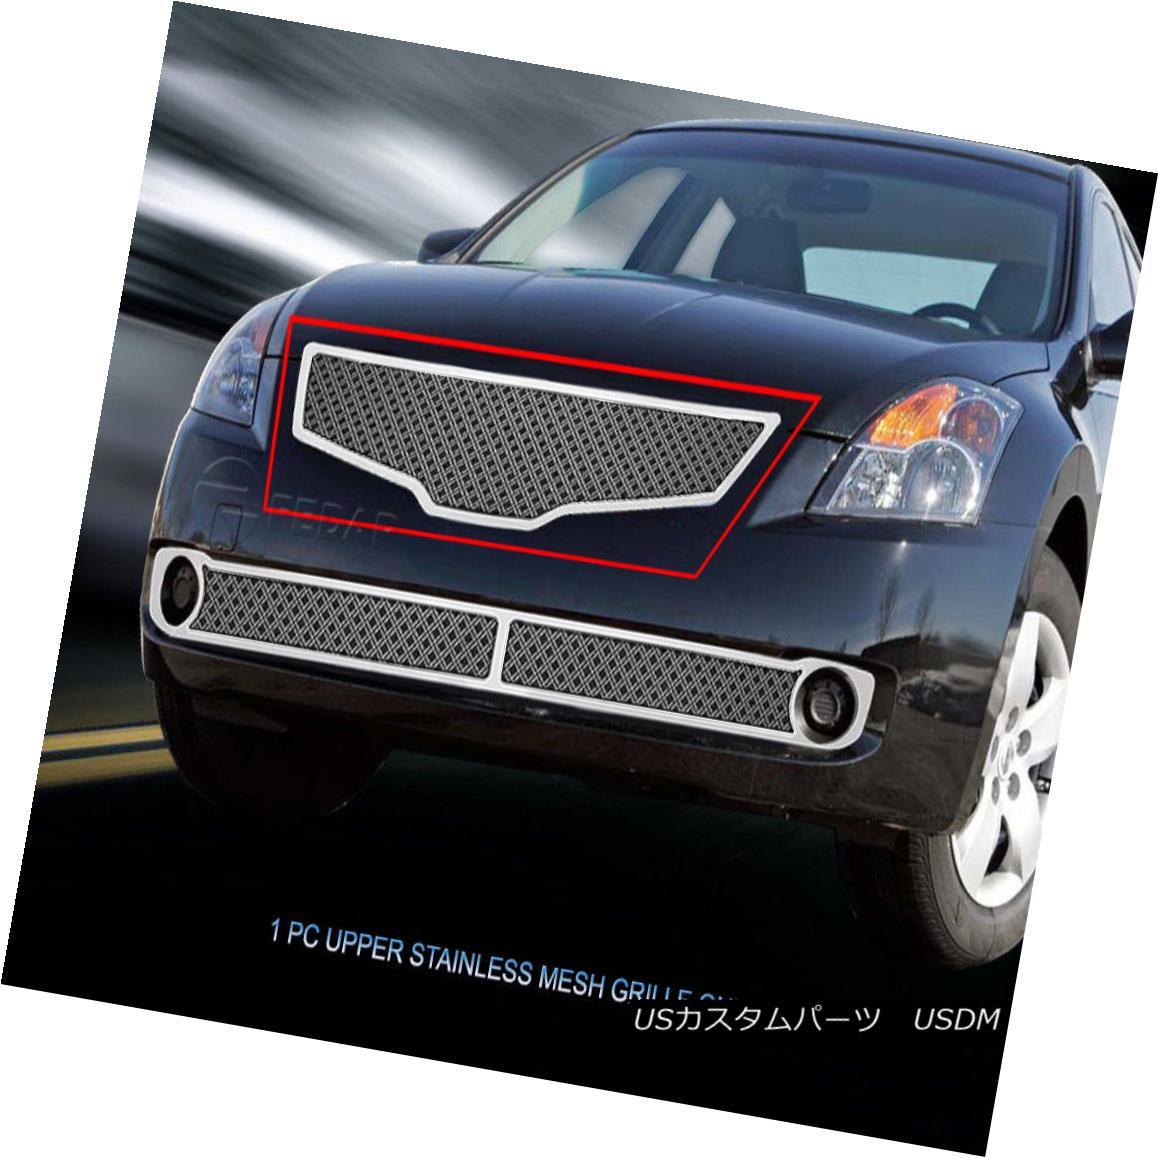 グリル Fedar Fits 07-09 Nissan Altima Sedan Full Chrome Dual Weave Mesh Grille Insert Fedar Fits 07-09日産アルティマセダンフルクロームデュアルウィーブメッシュグリルインサート